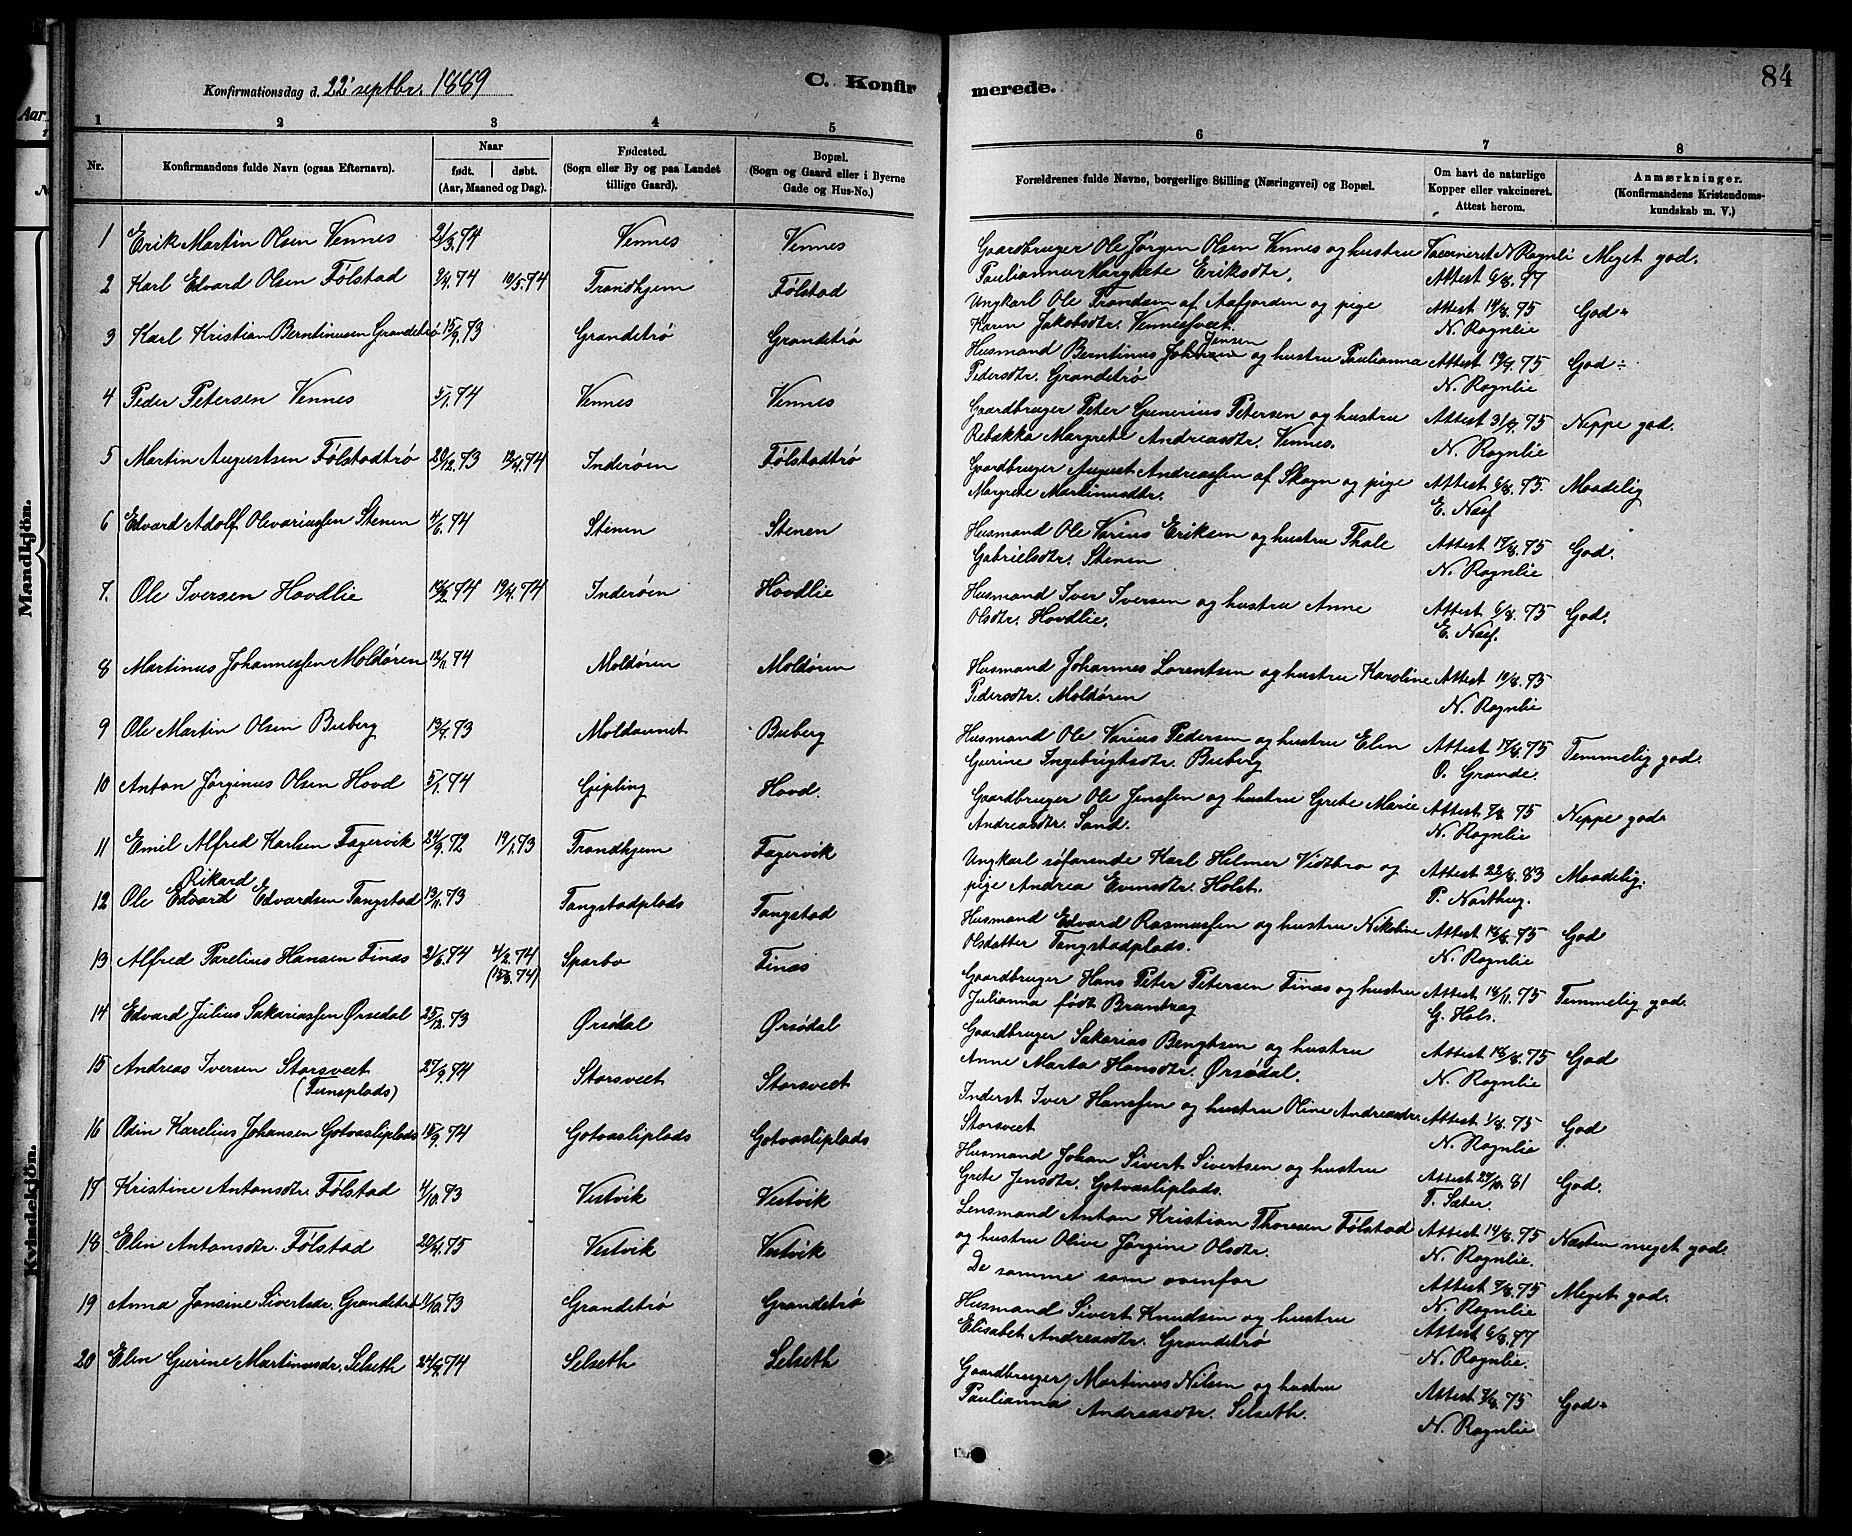 SAT, Ministerialprotokoller, klokkerbøker og fødselsregistre - Nord-Trøndelag, 744/L0423: Klokkerbok nr. 744C02, 1886-1905, s. 84